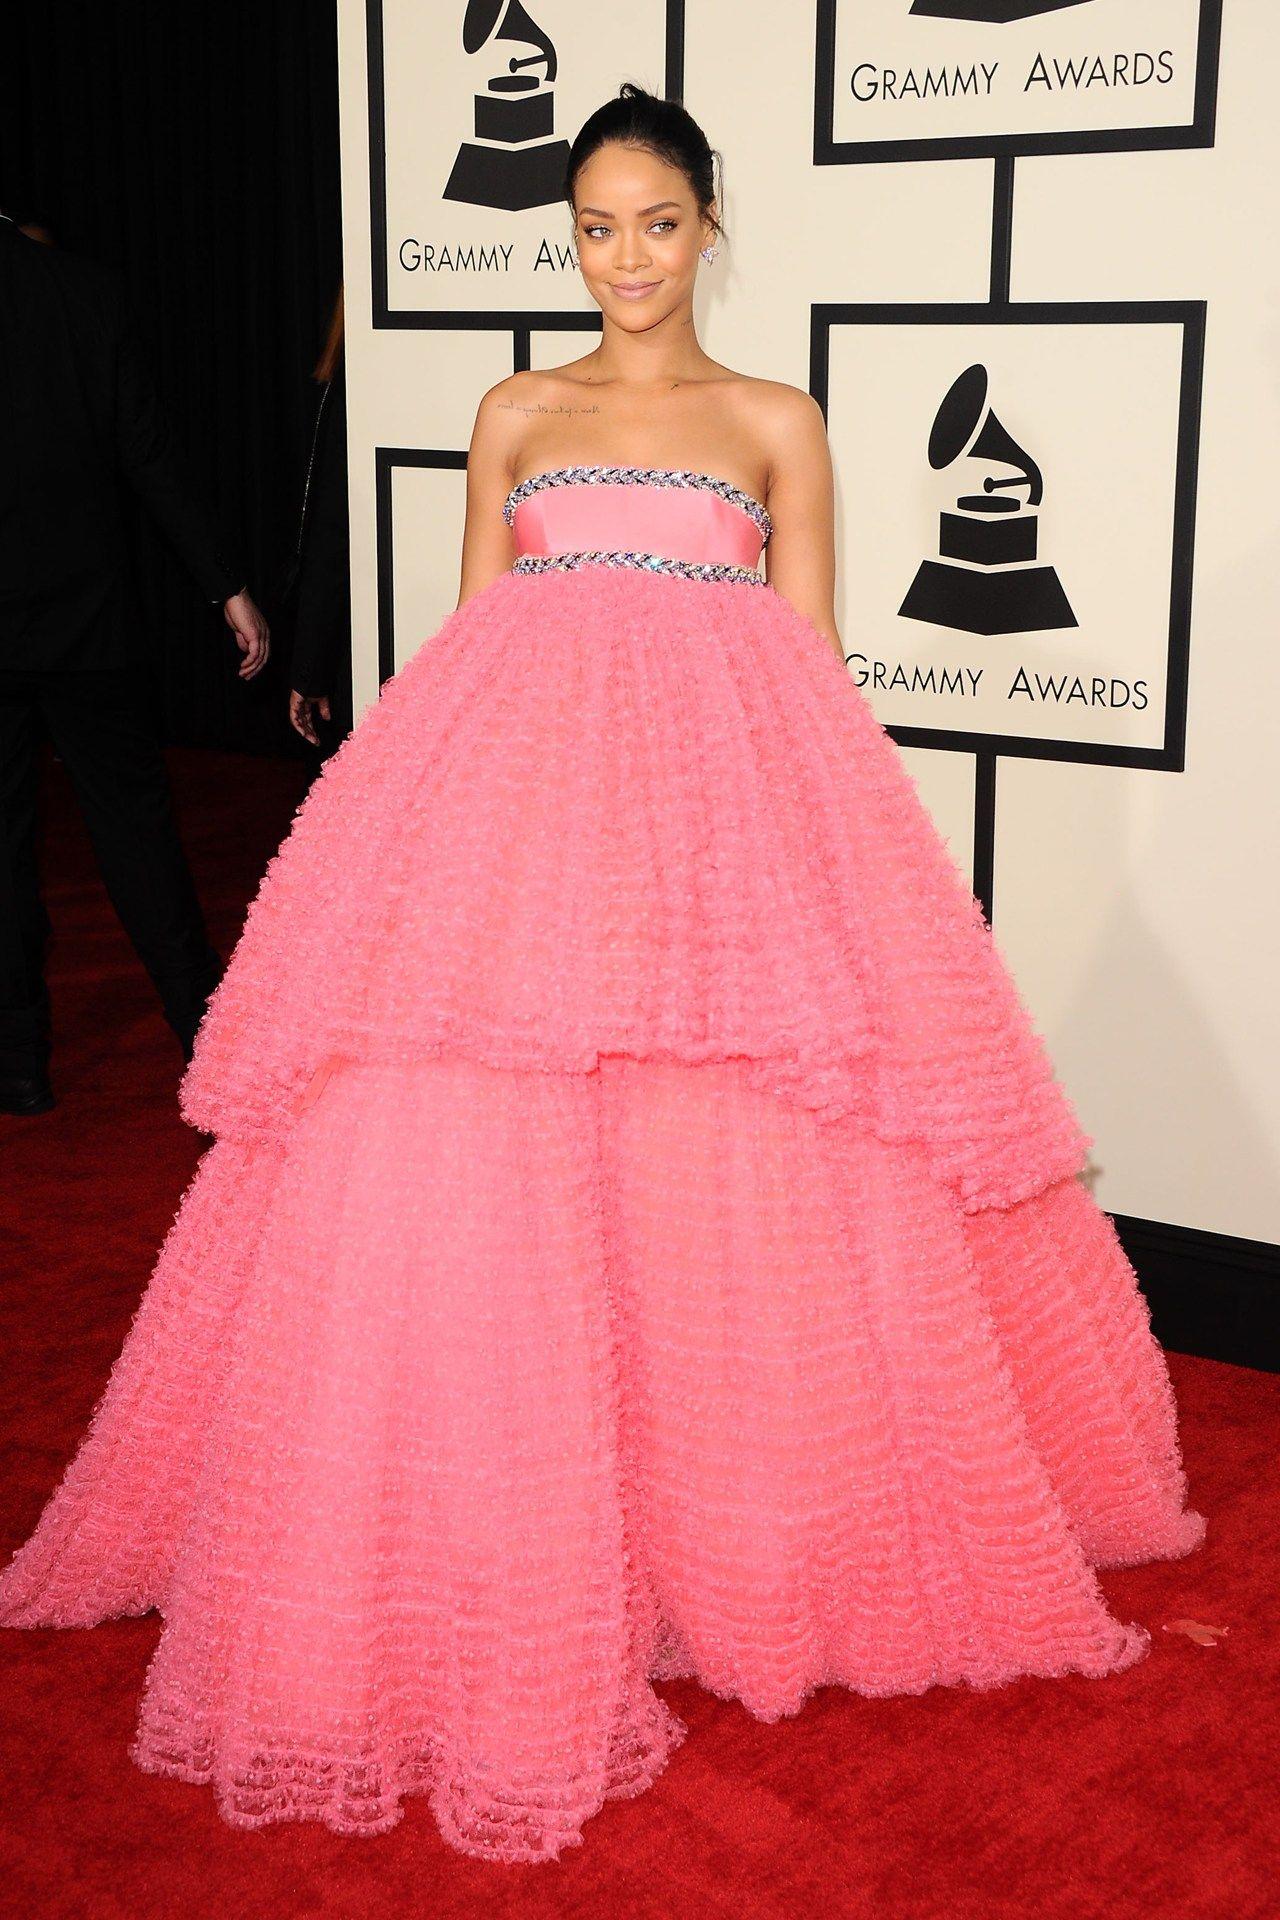 Grammy Awards 2015 | Diseño moda, Moda para damas y Elementos